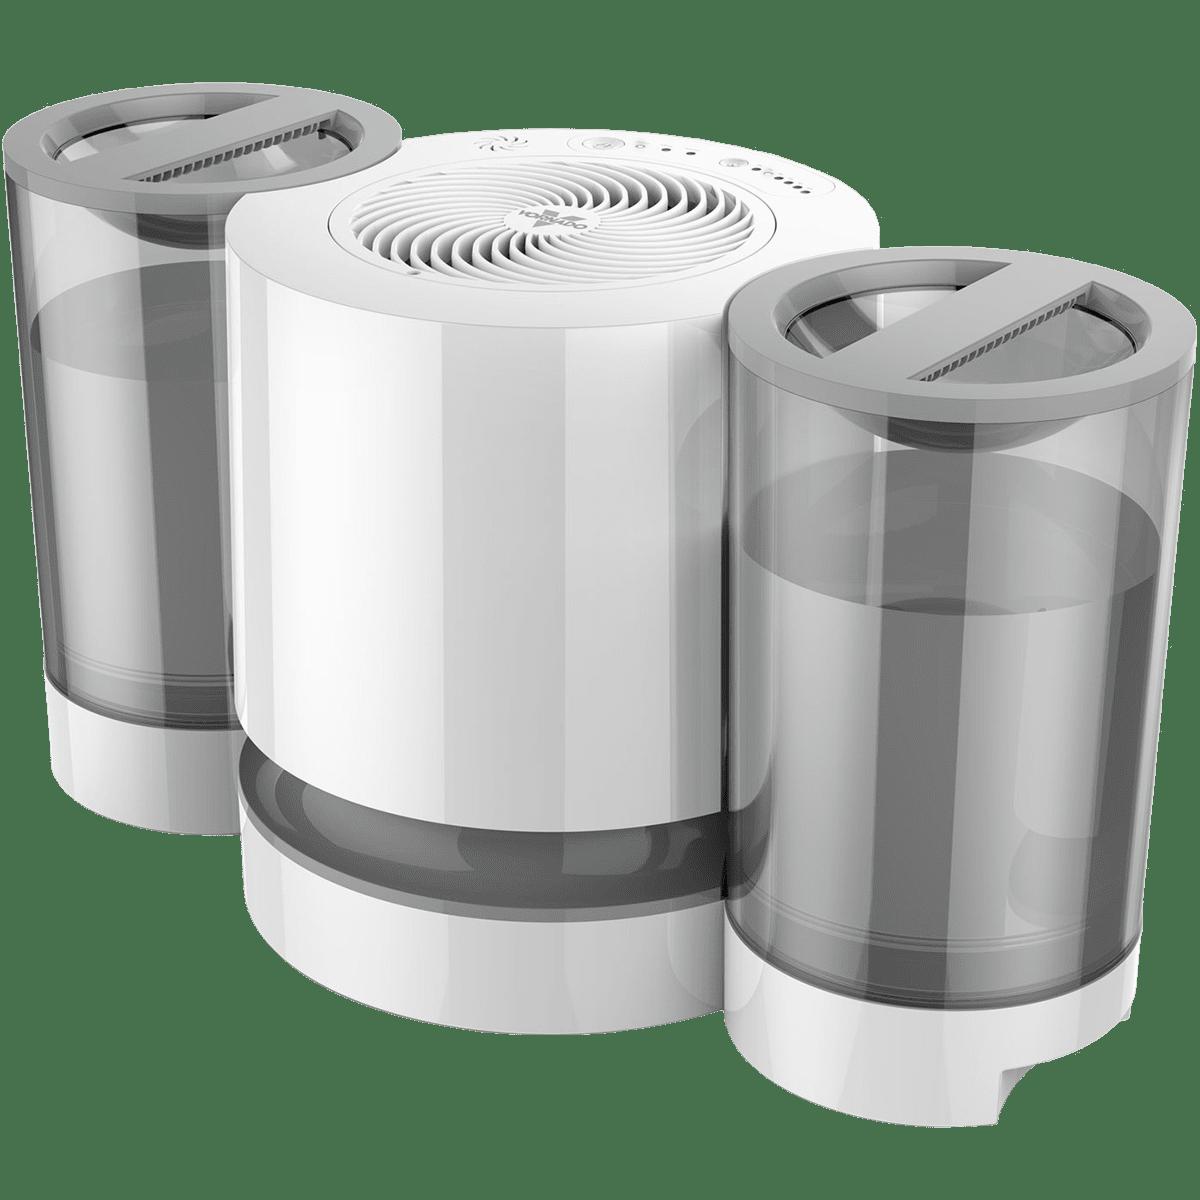 Vornado Evaporative Whole Room Humidifier (EV200) vo7067